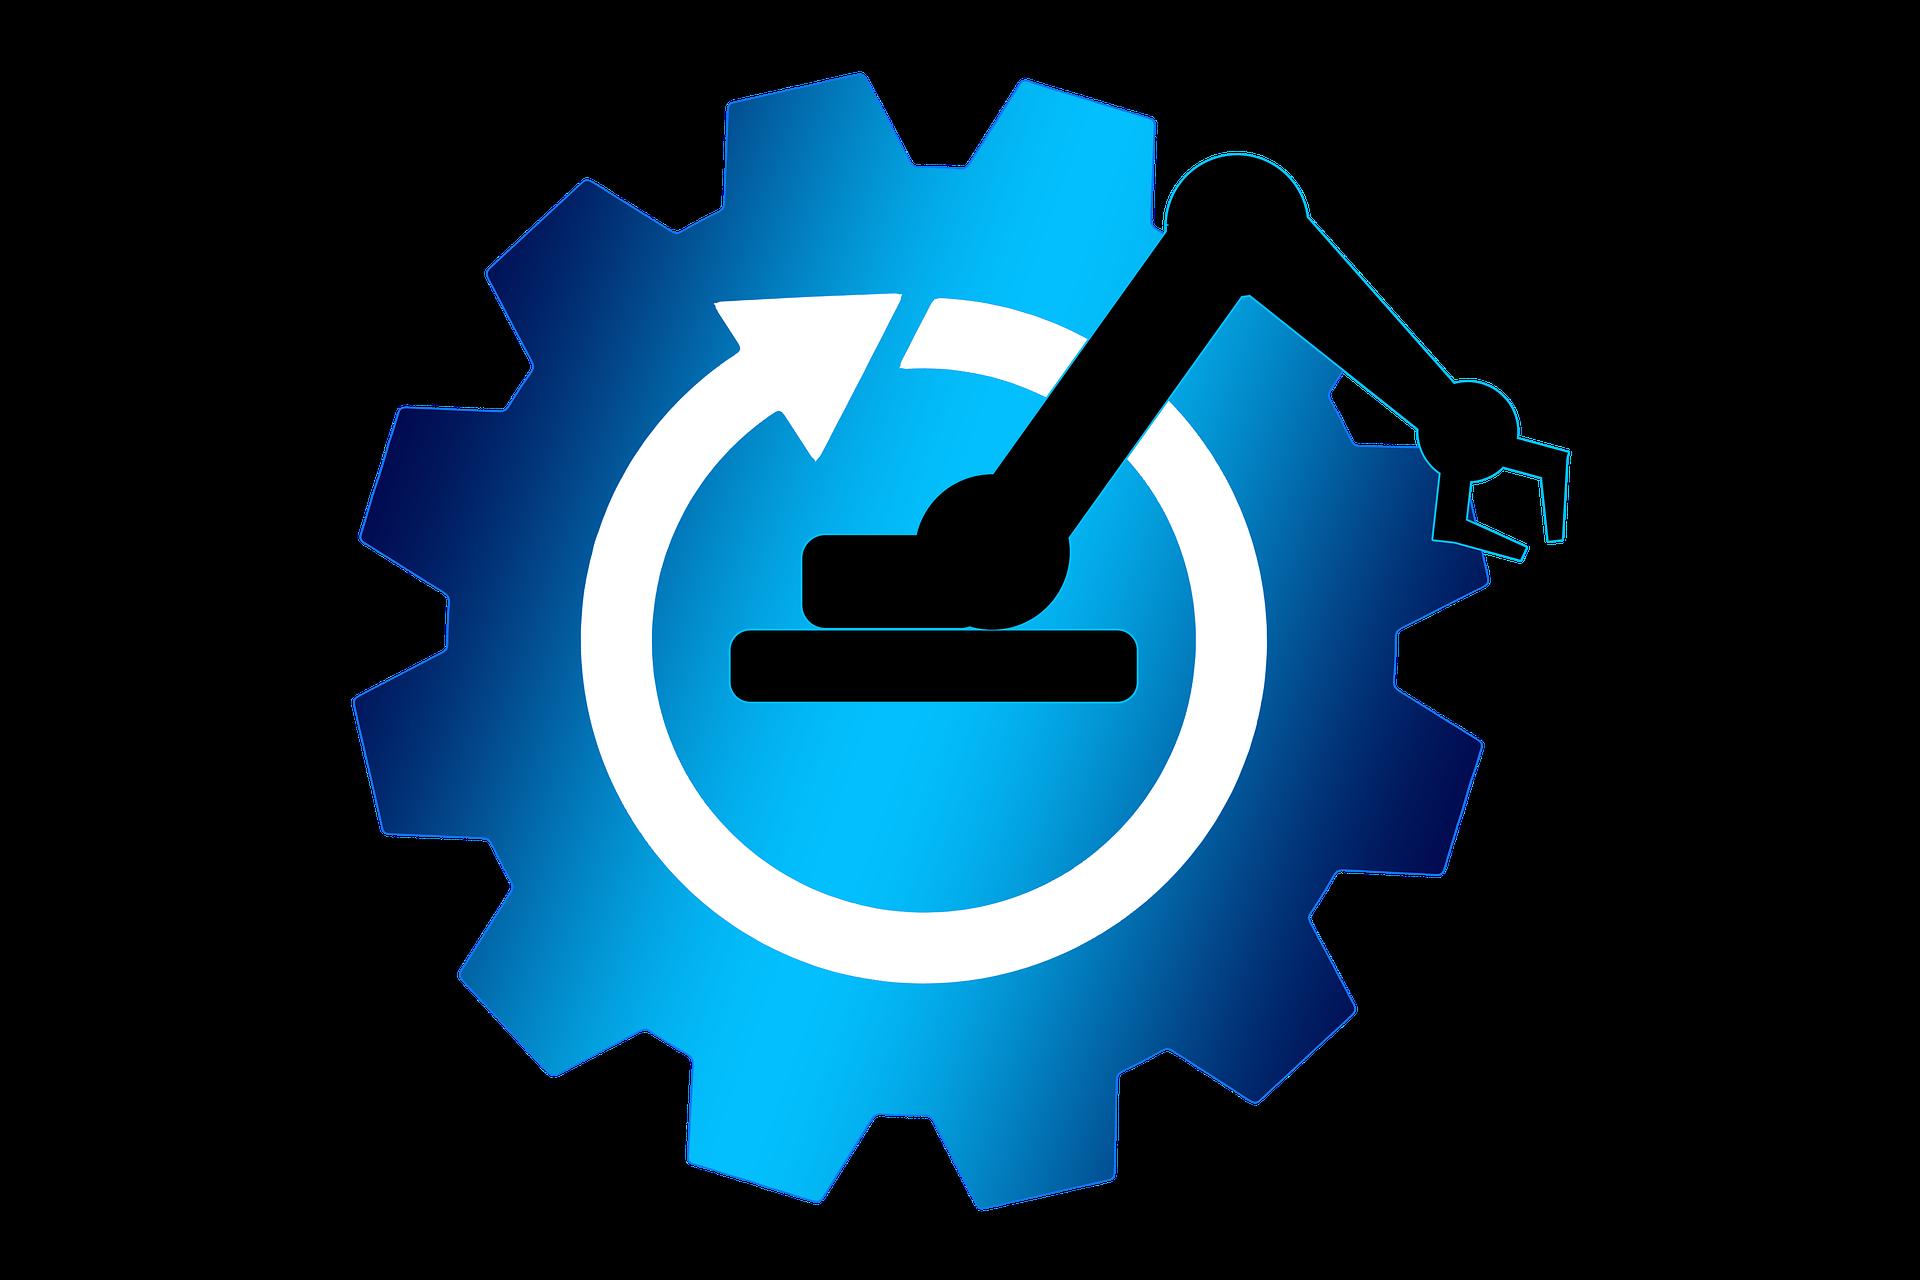 Ist Transparente Produktion das gleiche wie Smart Factory oder Lean Production? Und wie soll das erreicht werden?